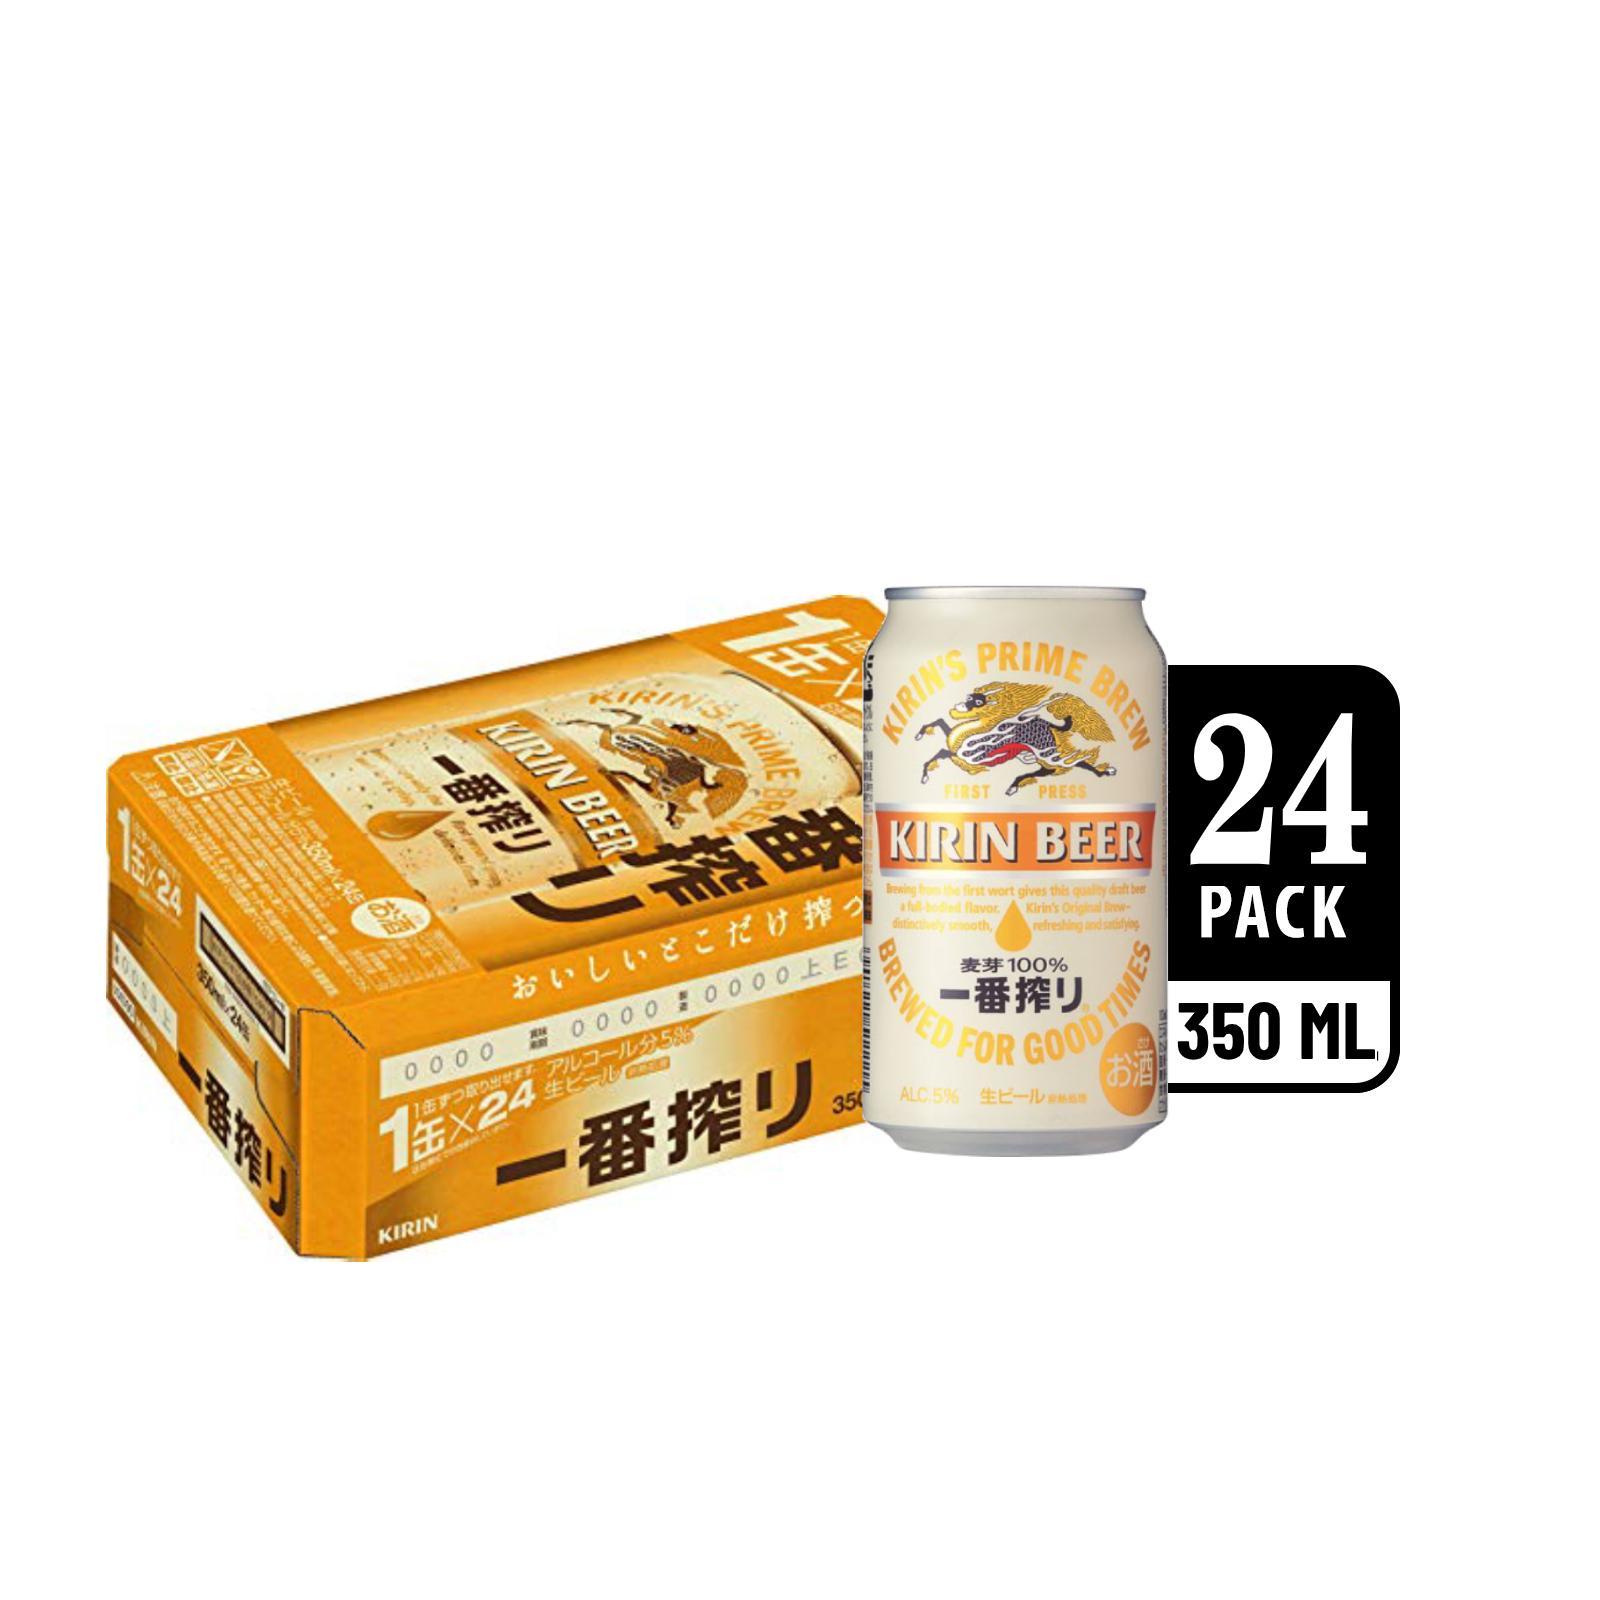 Kirin Ichiban Lager Beer 24 x 350ml